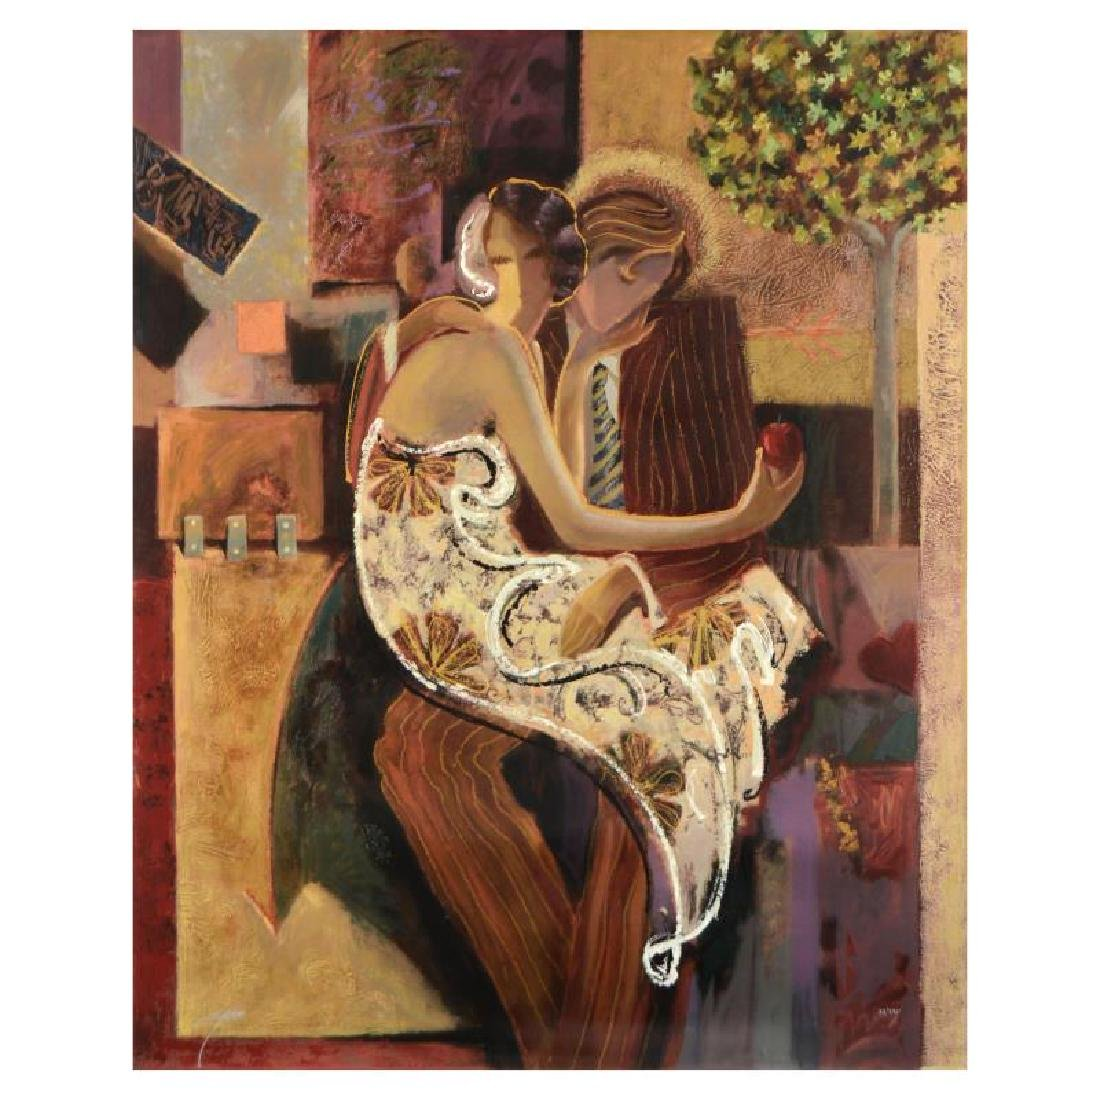 Adam & Eve by Sabzi